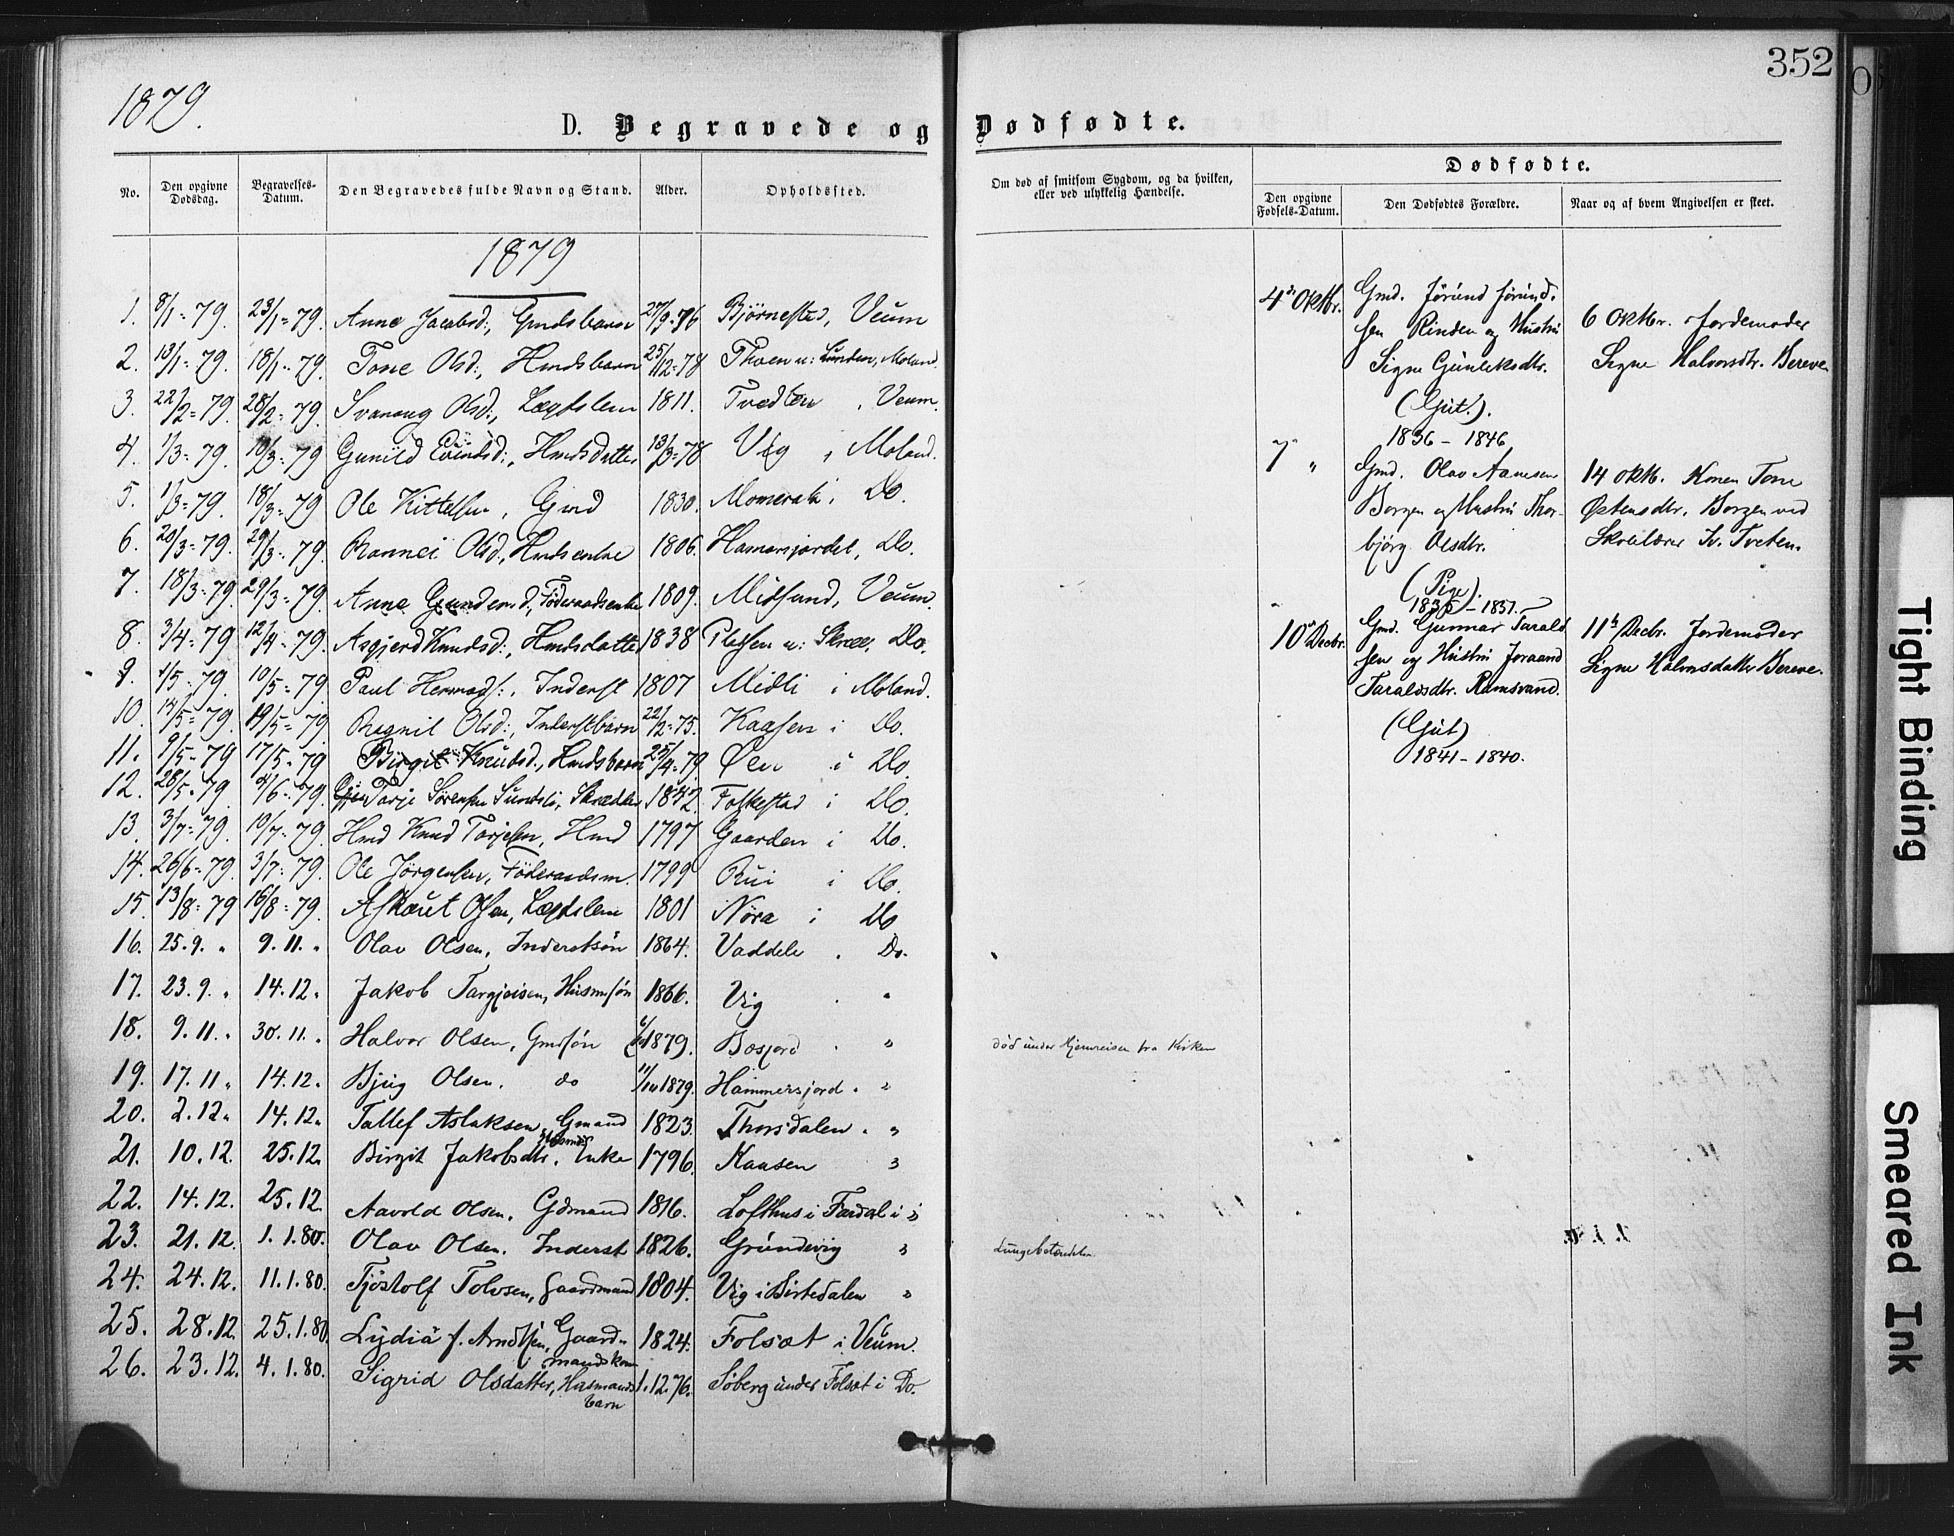 SAKO, Fyresdal kirkebøker, F/Fa/L0006: Ministerialbok nr. I 6, 1872-1886, s. 352